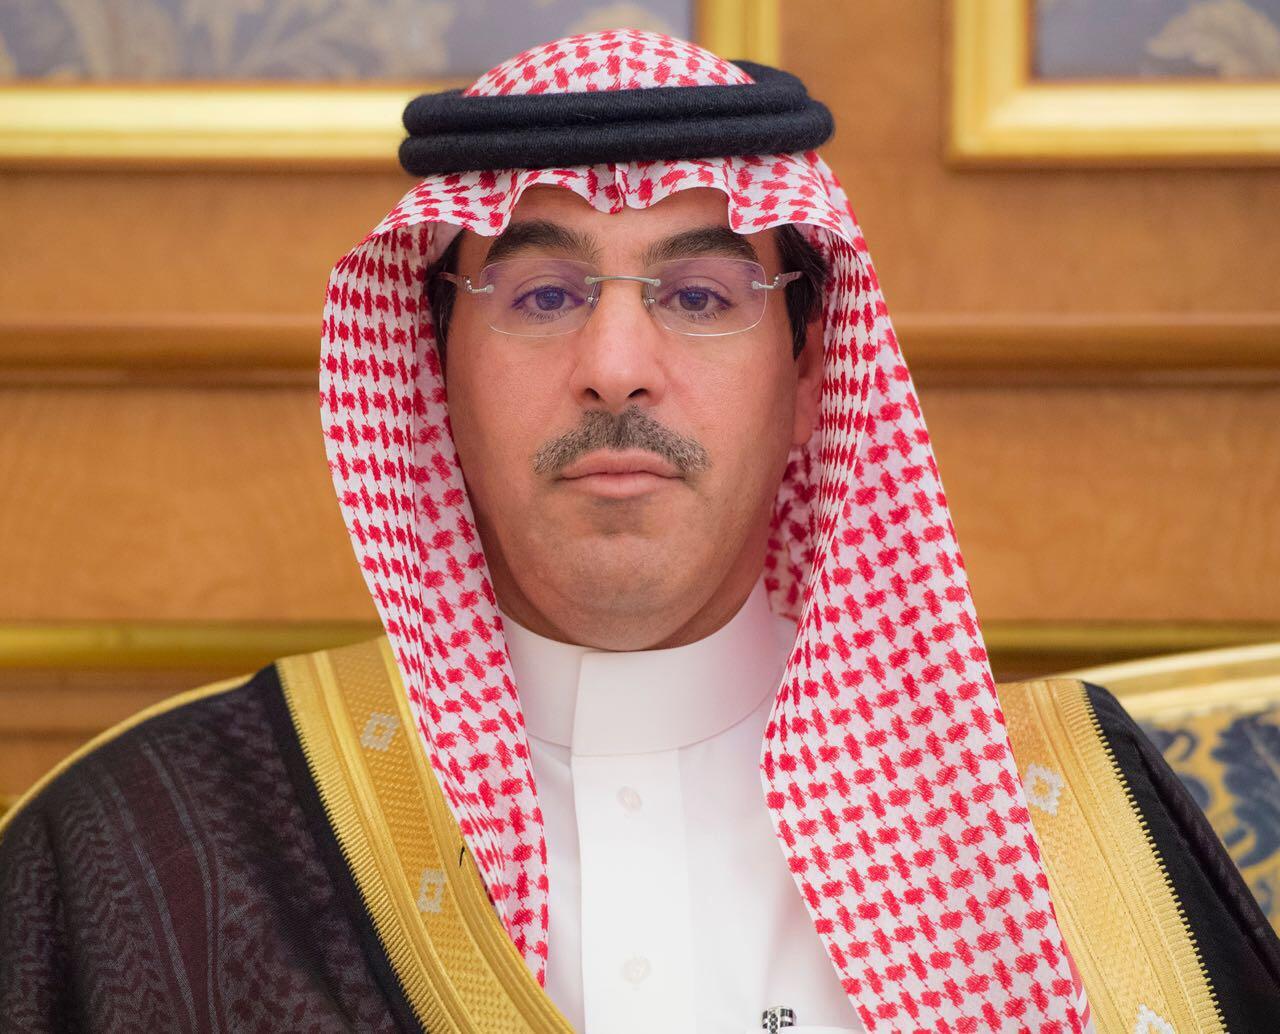 وزير الإعلام السعودي: المملكة عصيّة على أعدائها عزيزة في نفوس أبنائها